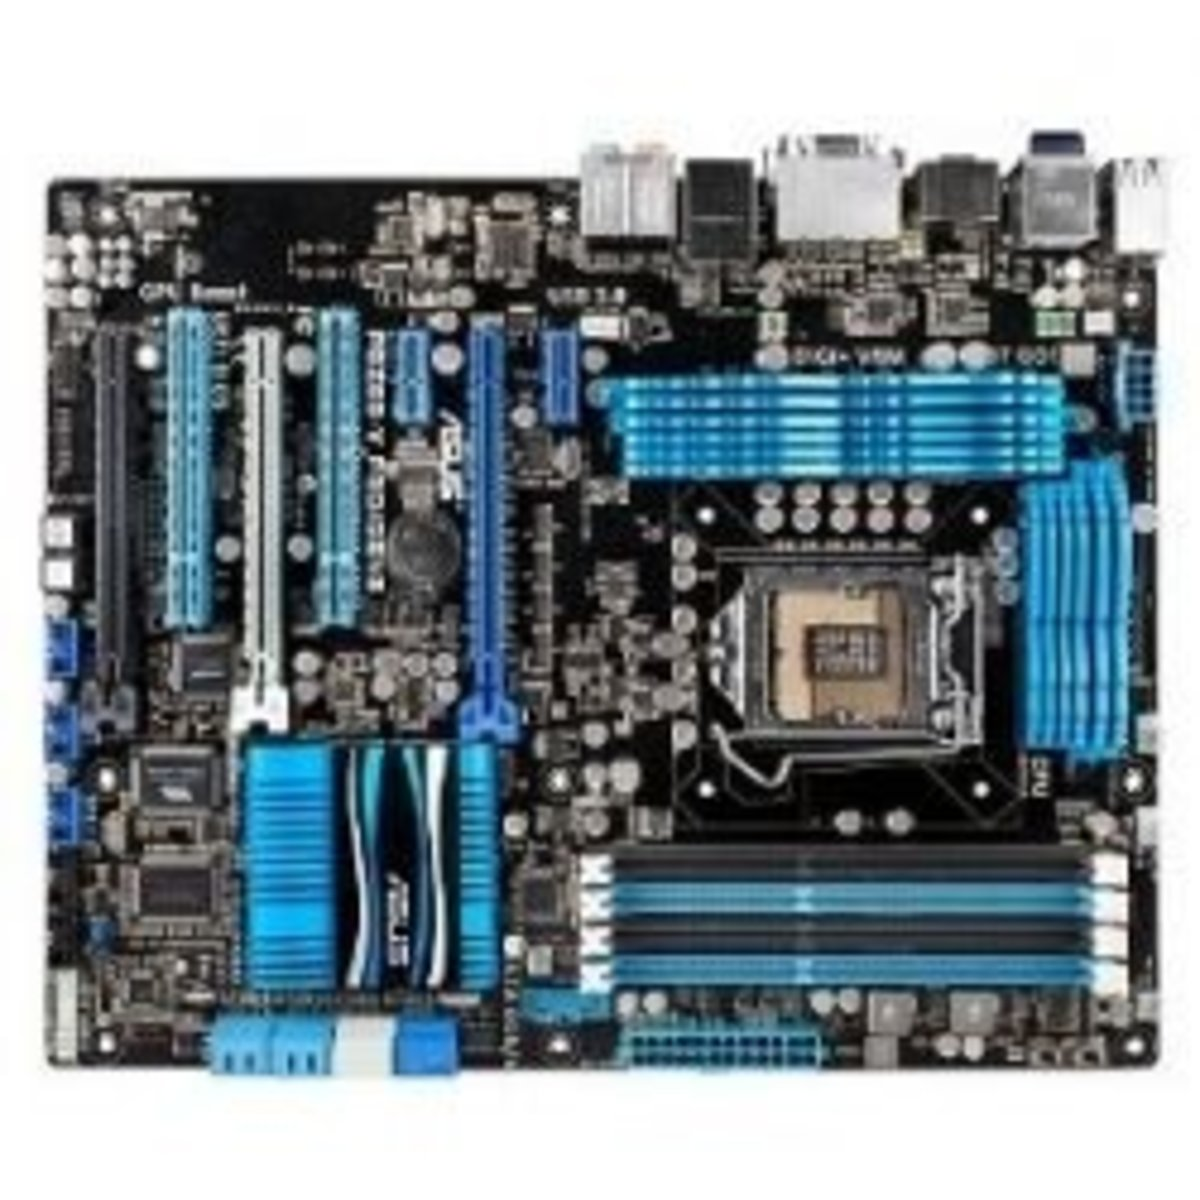 P8Z68-V PRO GEN3 Motherboard